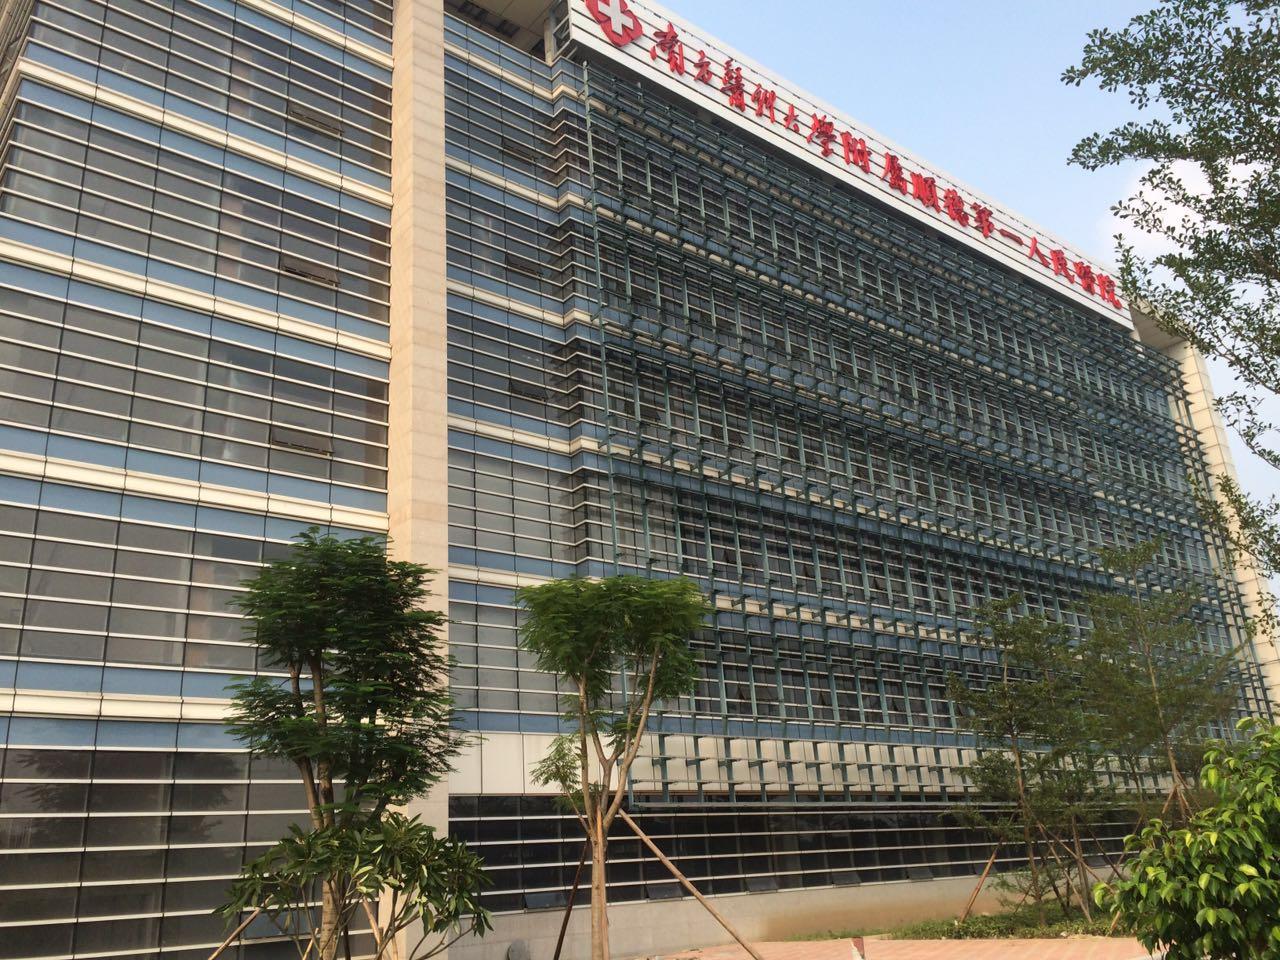 云南第一人民医院排水管项目